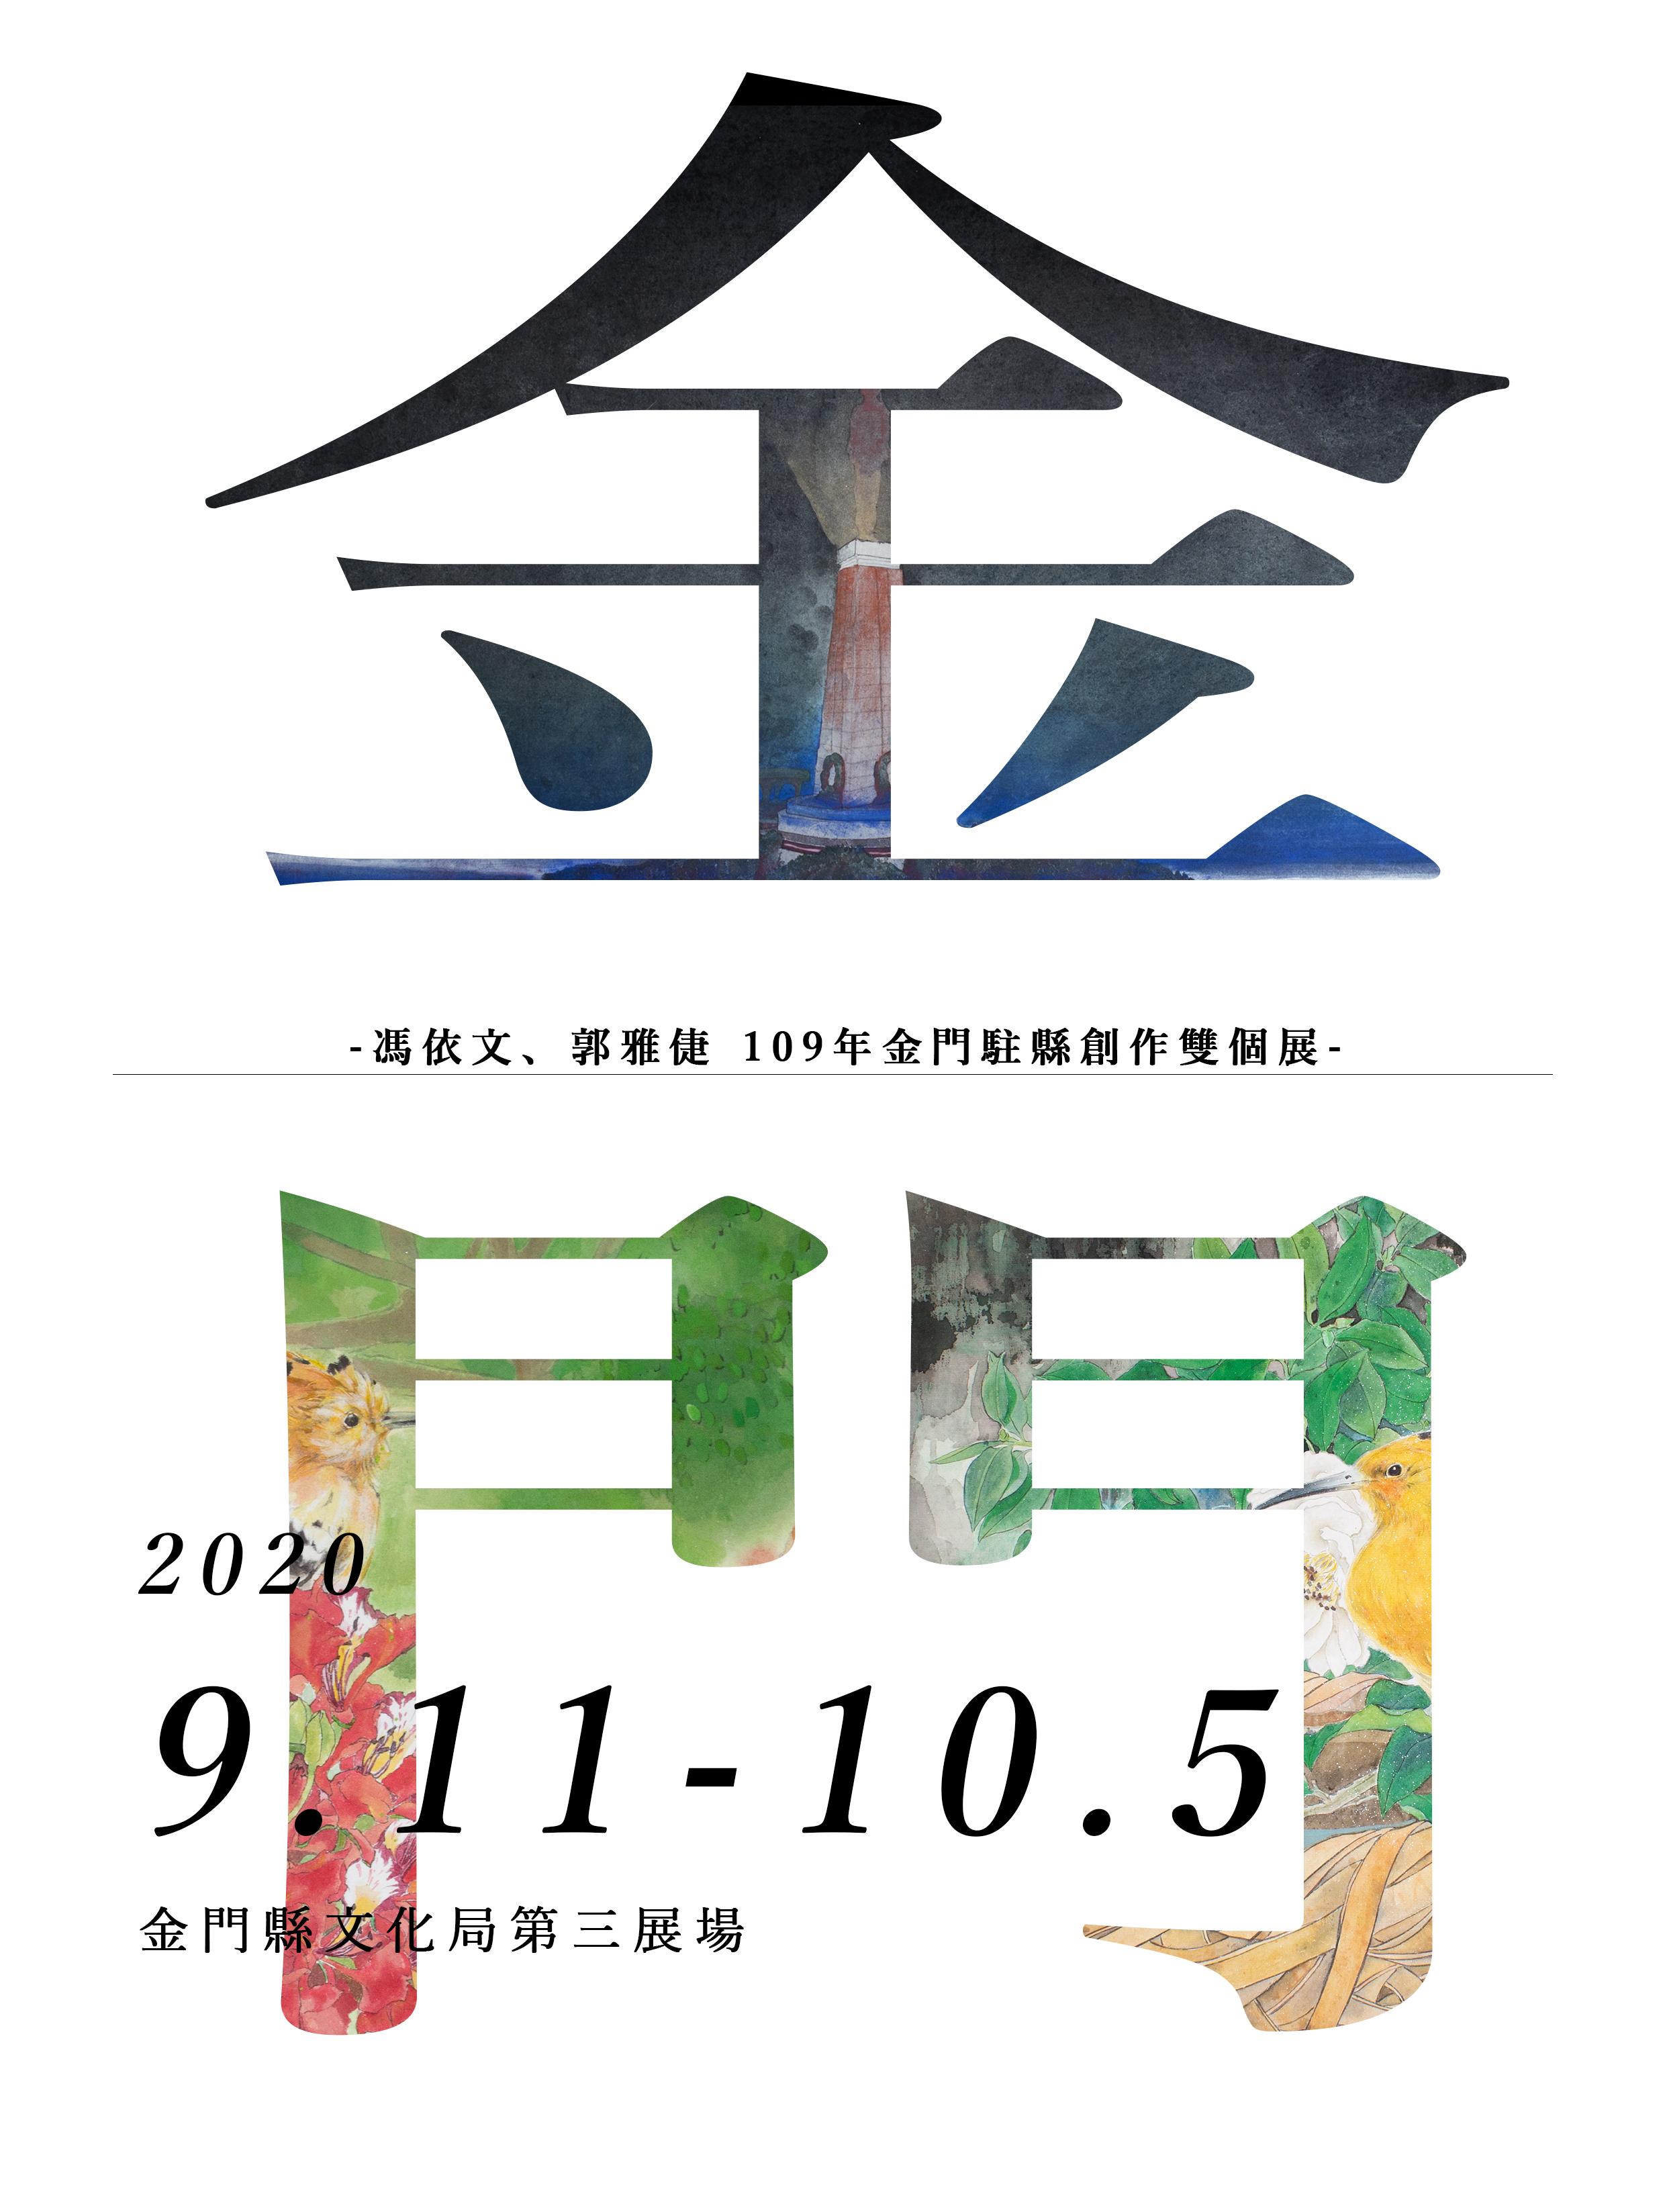 馮依文、郭雅倢金門駐縣創作雙個展